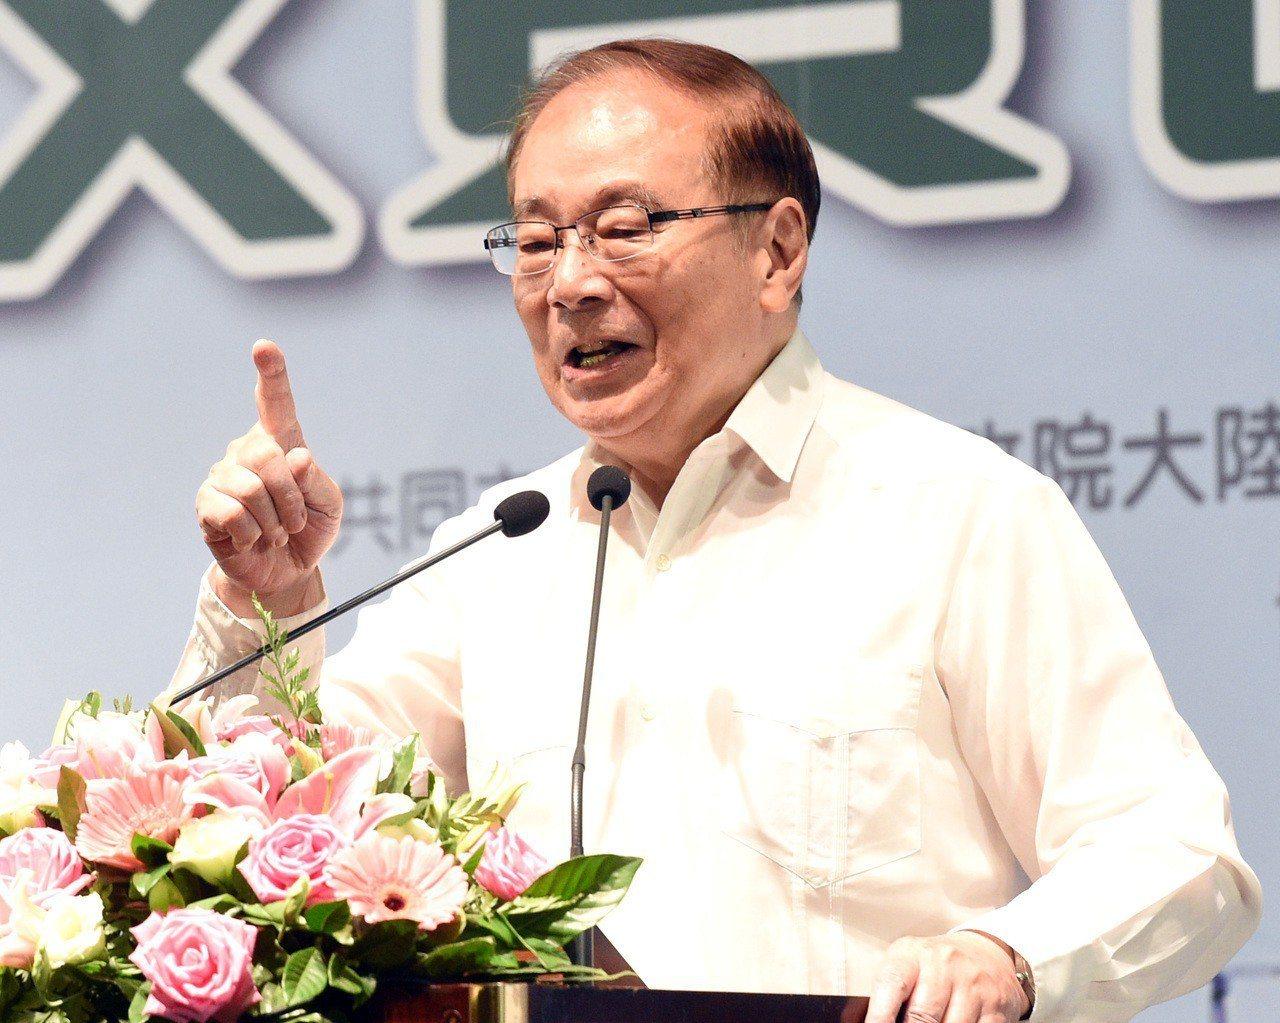 張俊雄是第一個回鍋的行政院長。 圖/聯合報系資料照片